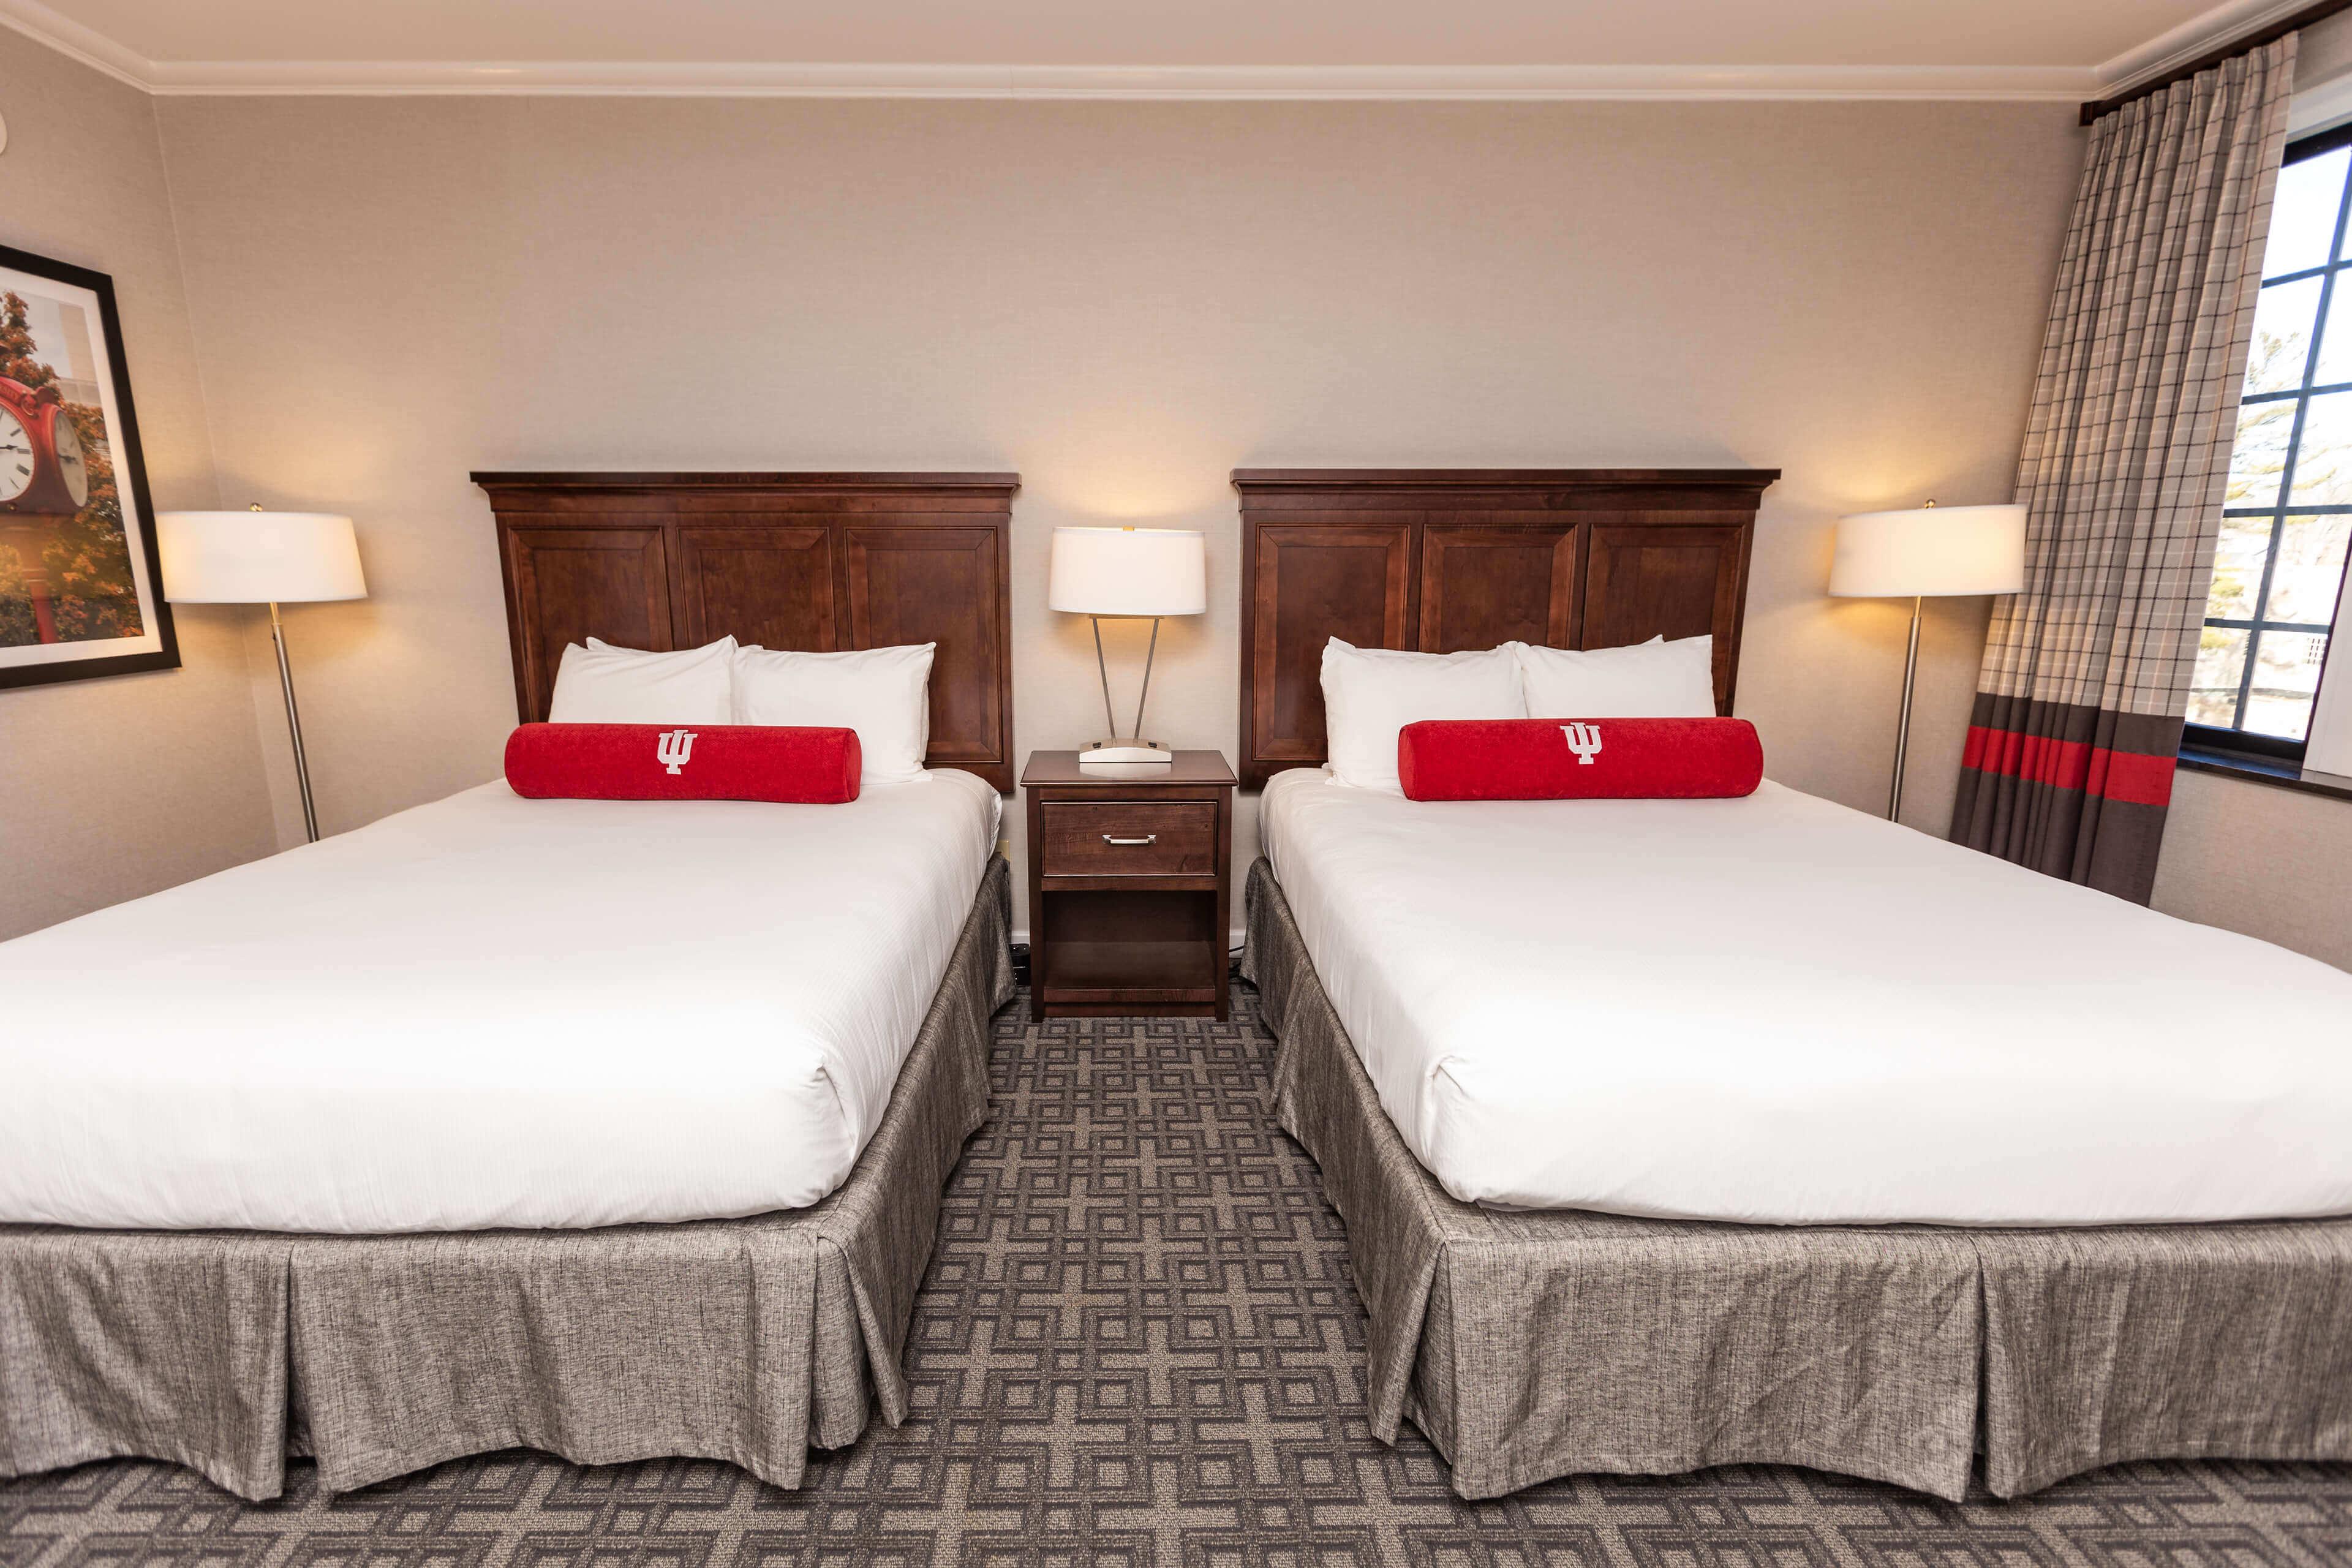 Biddle Hotel